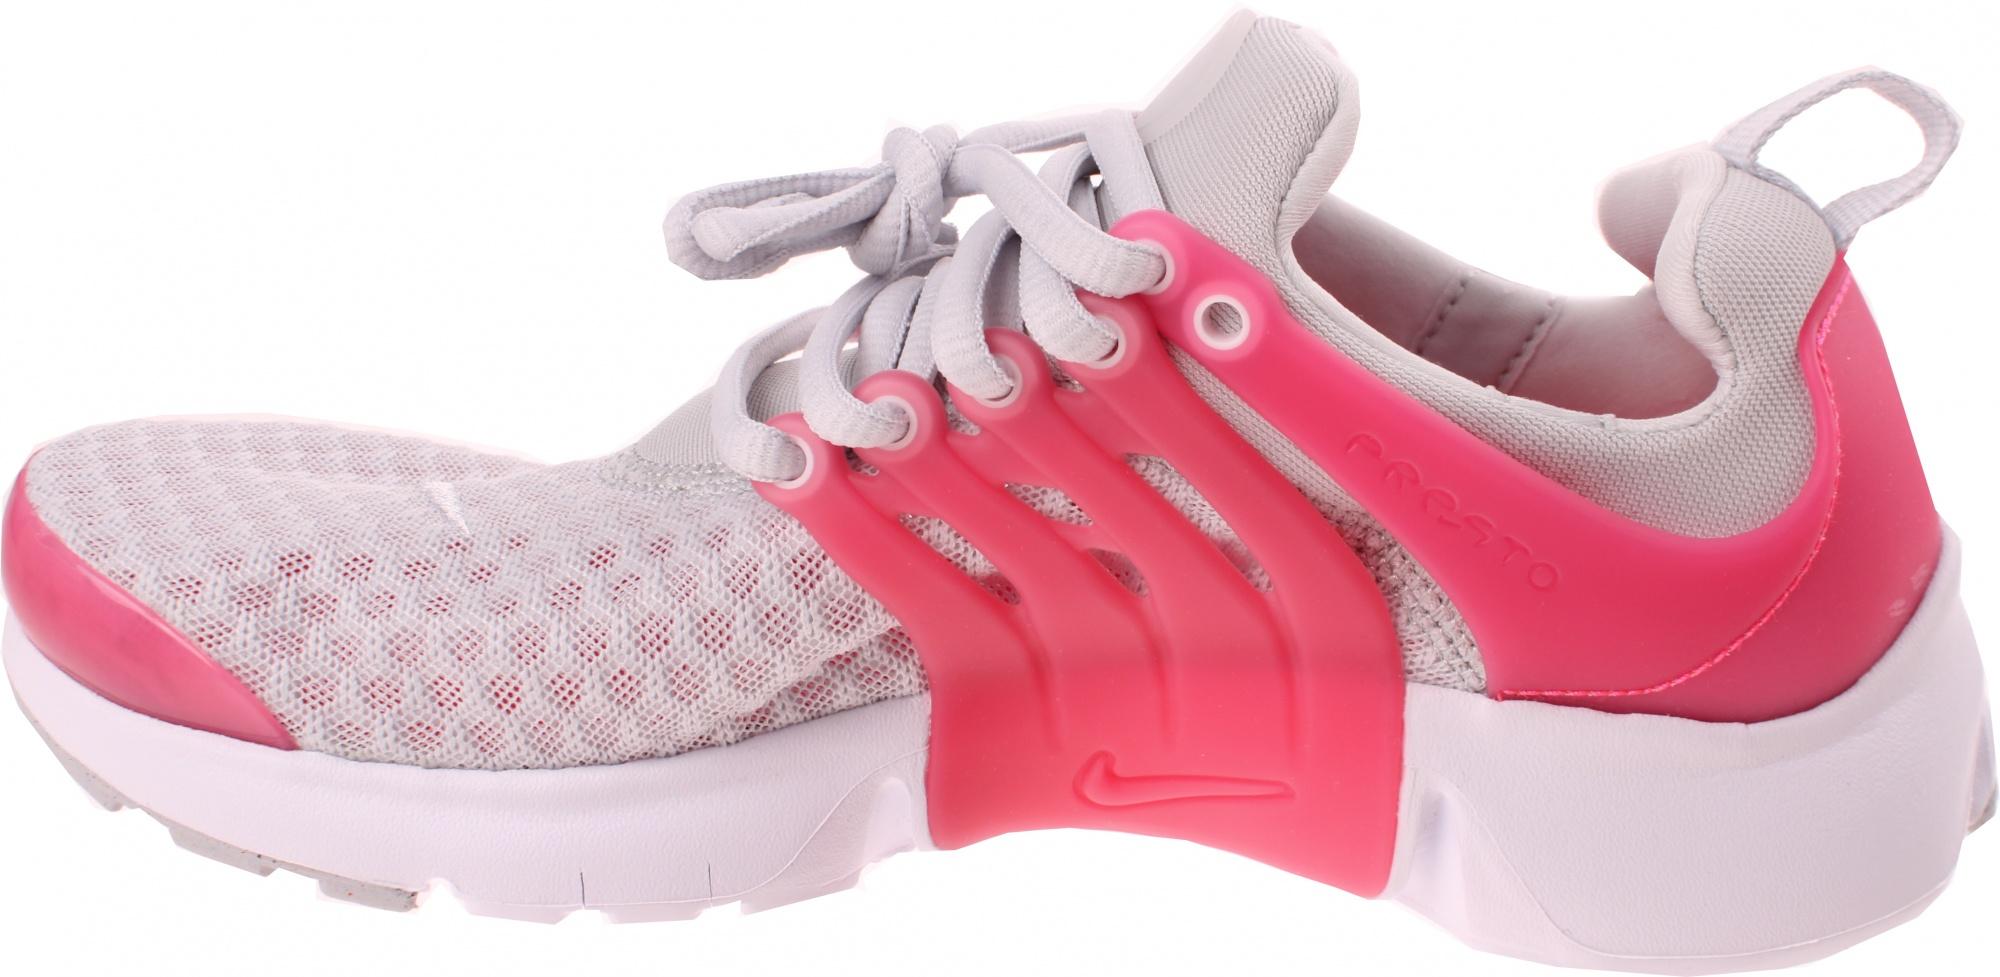 7db89b5054c nike_sneakers_presto_breathe_gs_dames_grijs_roze_3_203407.jpg